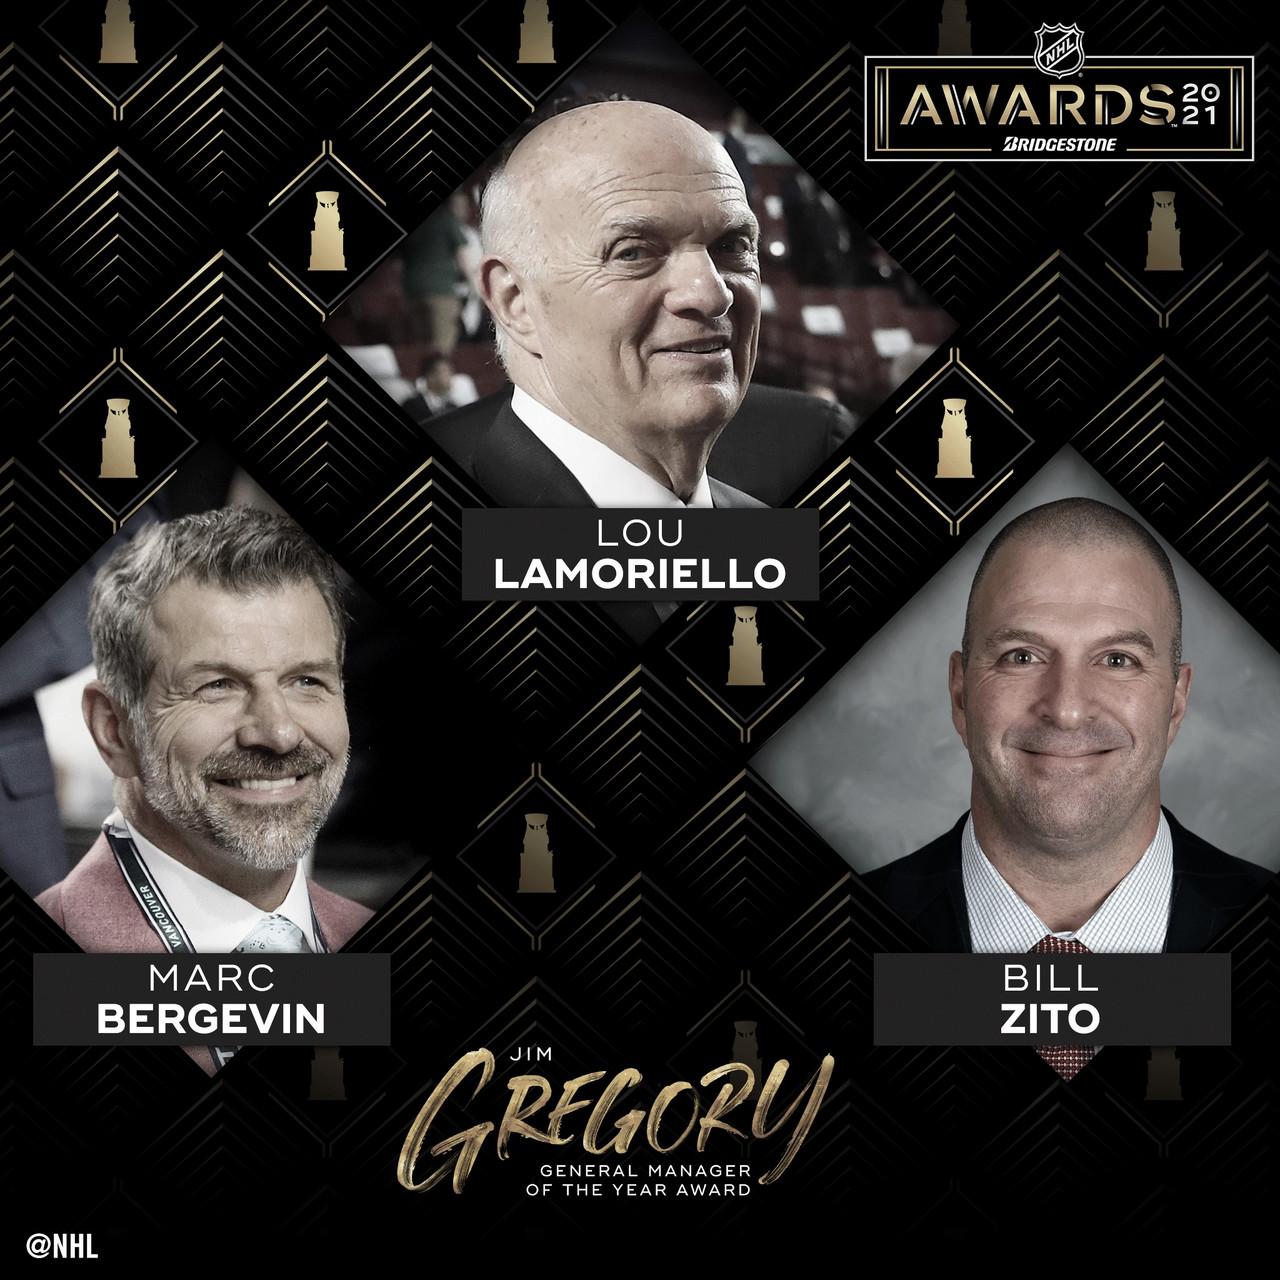 Tres candidatos de peso a ser el mejor General Manager del año